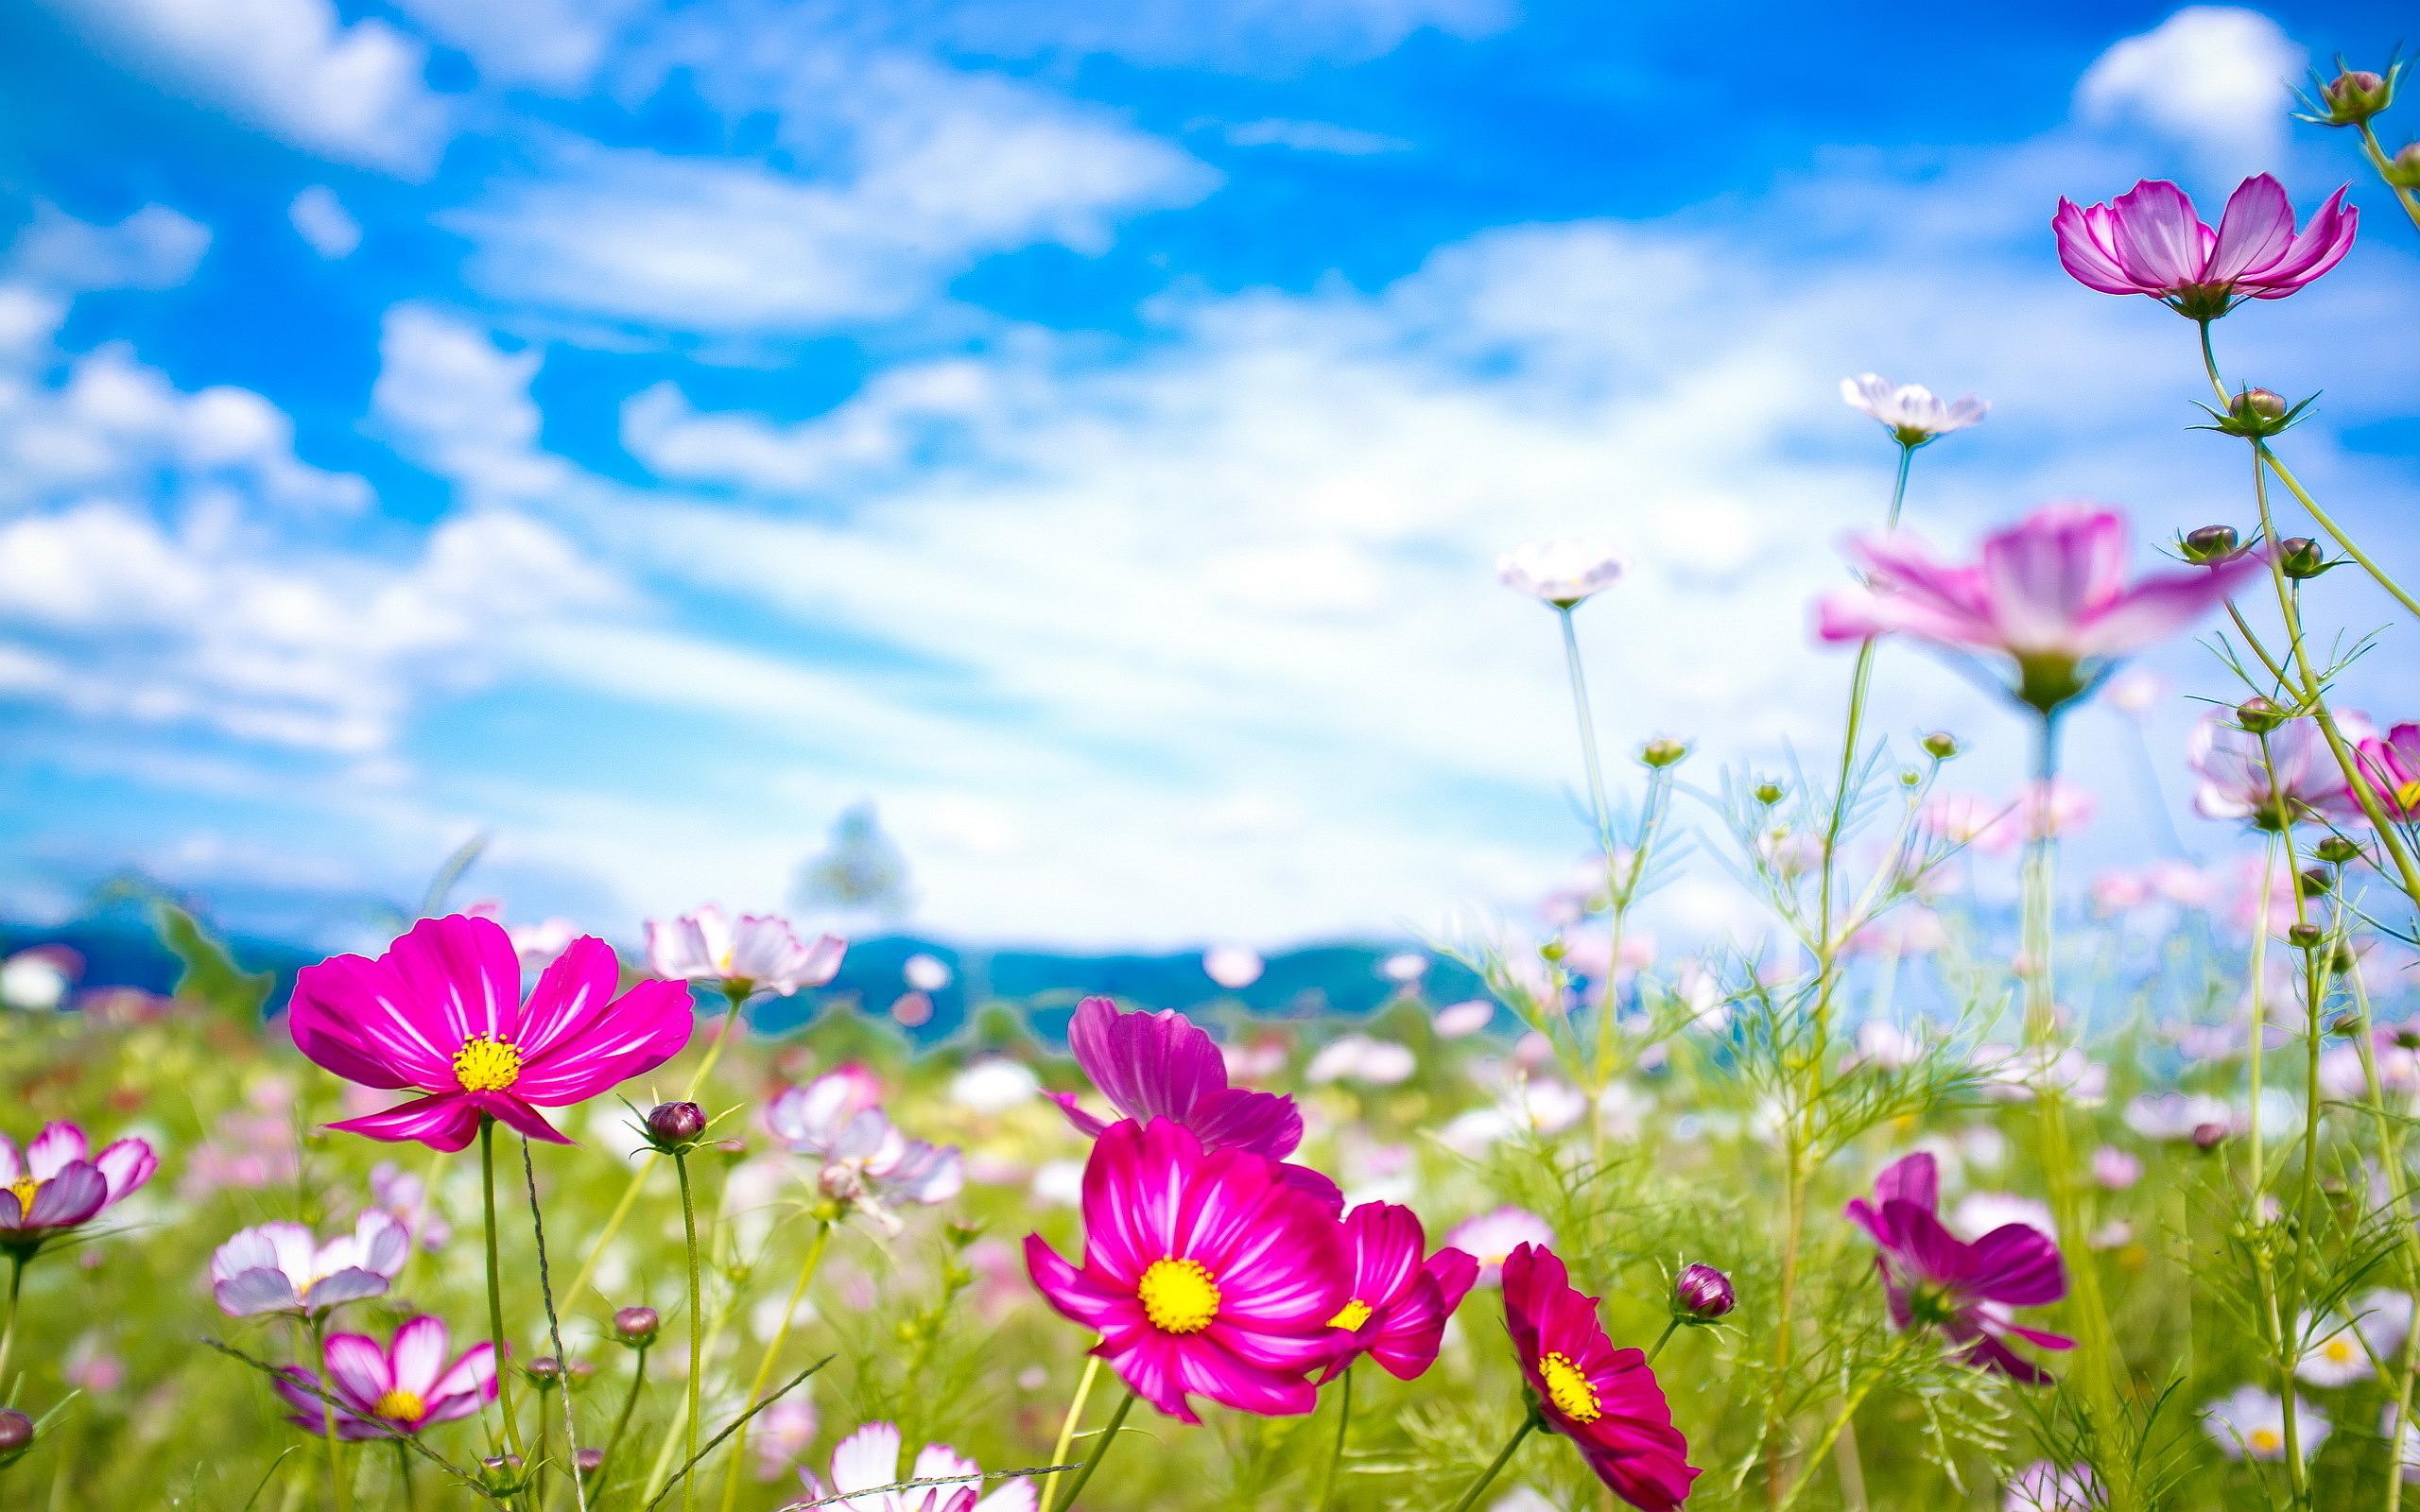 flower wallpaper 16730 2560x1600 px